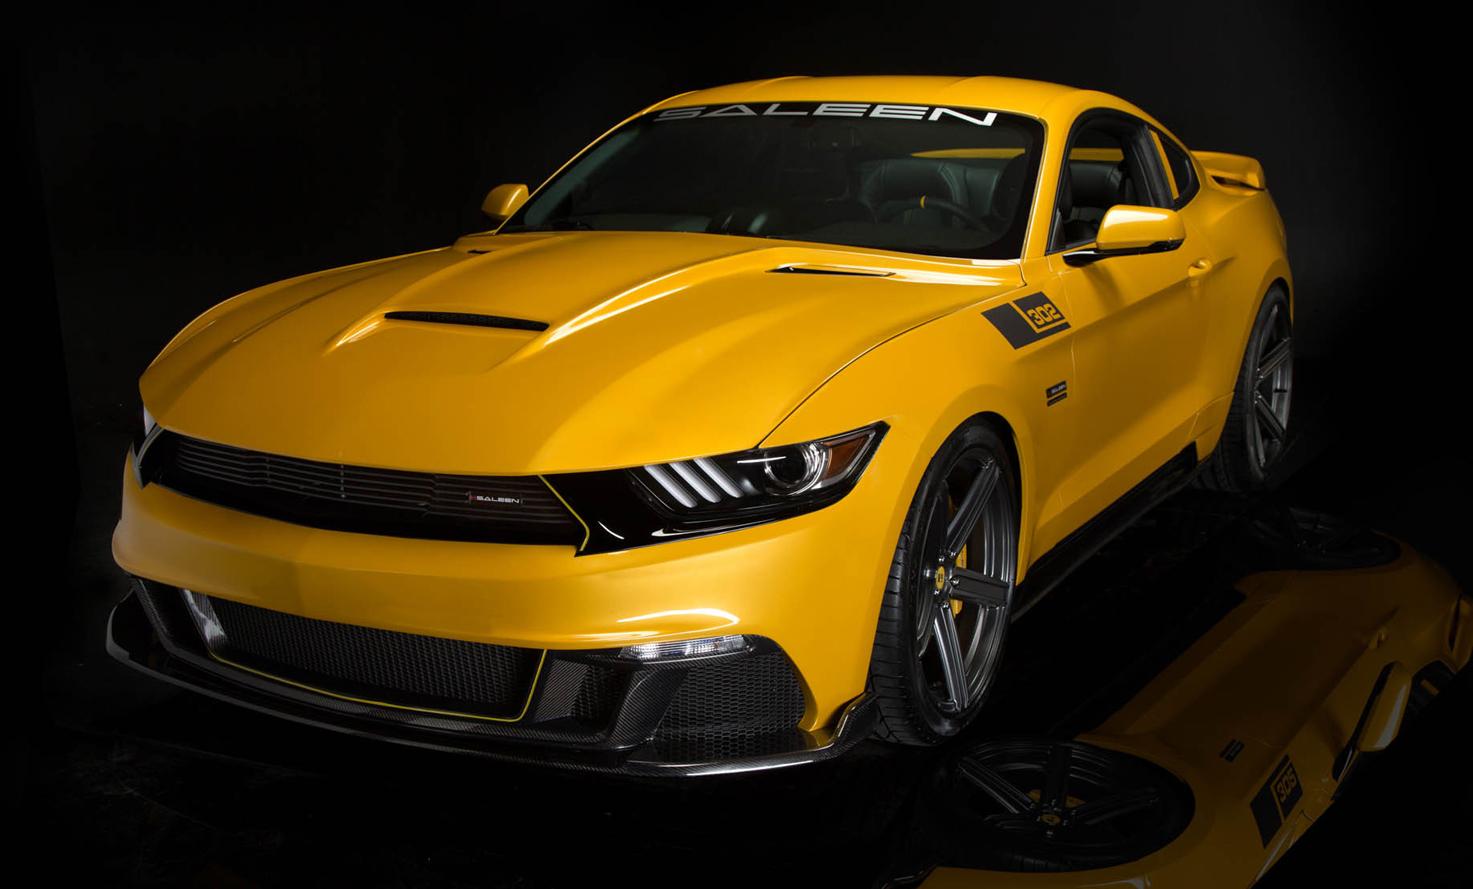 Saleen 302 Black Label: New 544kW Mustang Debuts